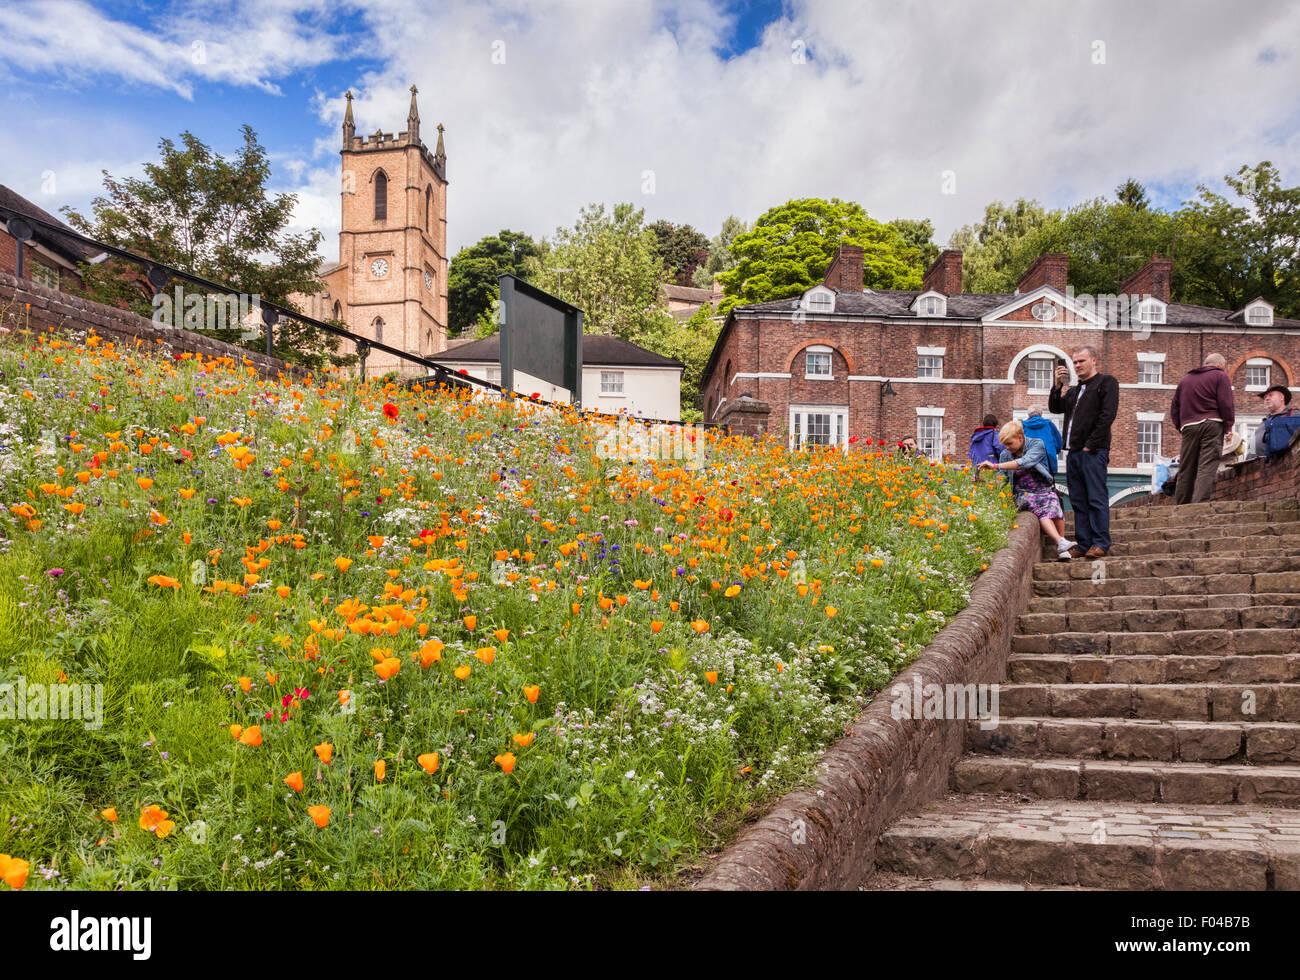 Touristen zu sammeln, in der Nähe der Eisenbrücke in das Dorf von Ironbridge, Shropshire, England Stockbild